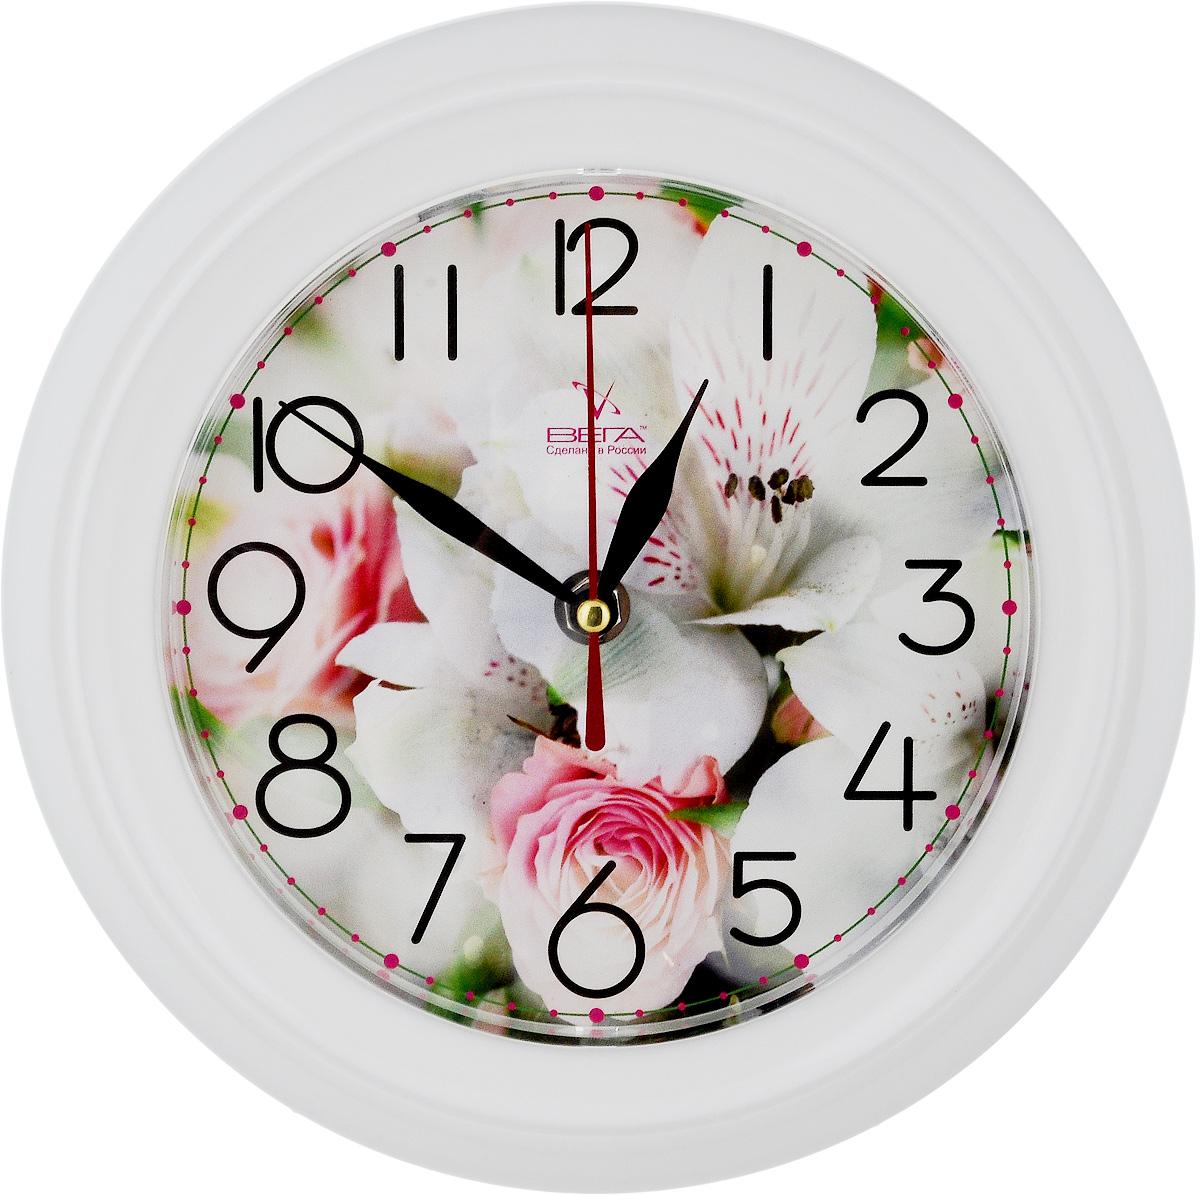 Часы настенные Вега Нежность, диаметр 22,5 смП6-7-106Настенные кварцевые часы Вега Нежность в классическом дизайне,изготовленные из пластика, прекрасно впишутся в интерьервашего дома. Круглые часы имеют три стрелки: часовую,минутную и секундную, циферблат защищен прозрачным стеклом.Часы работают от 1 батарейки типа АА напряжением 1,5 В (не входит в комплект).Диаметр часов: 22,5 см.